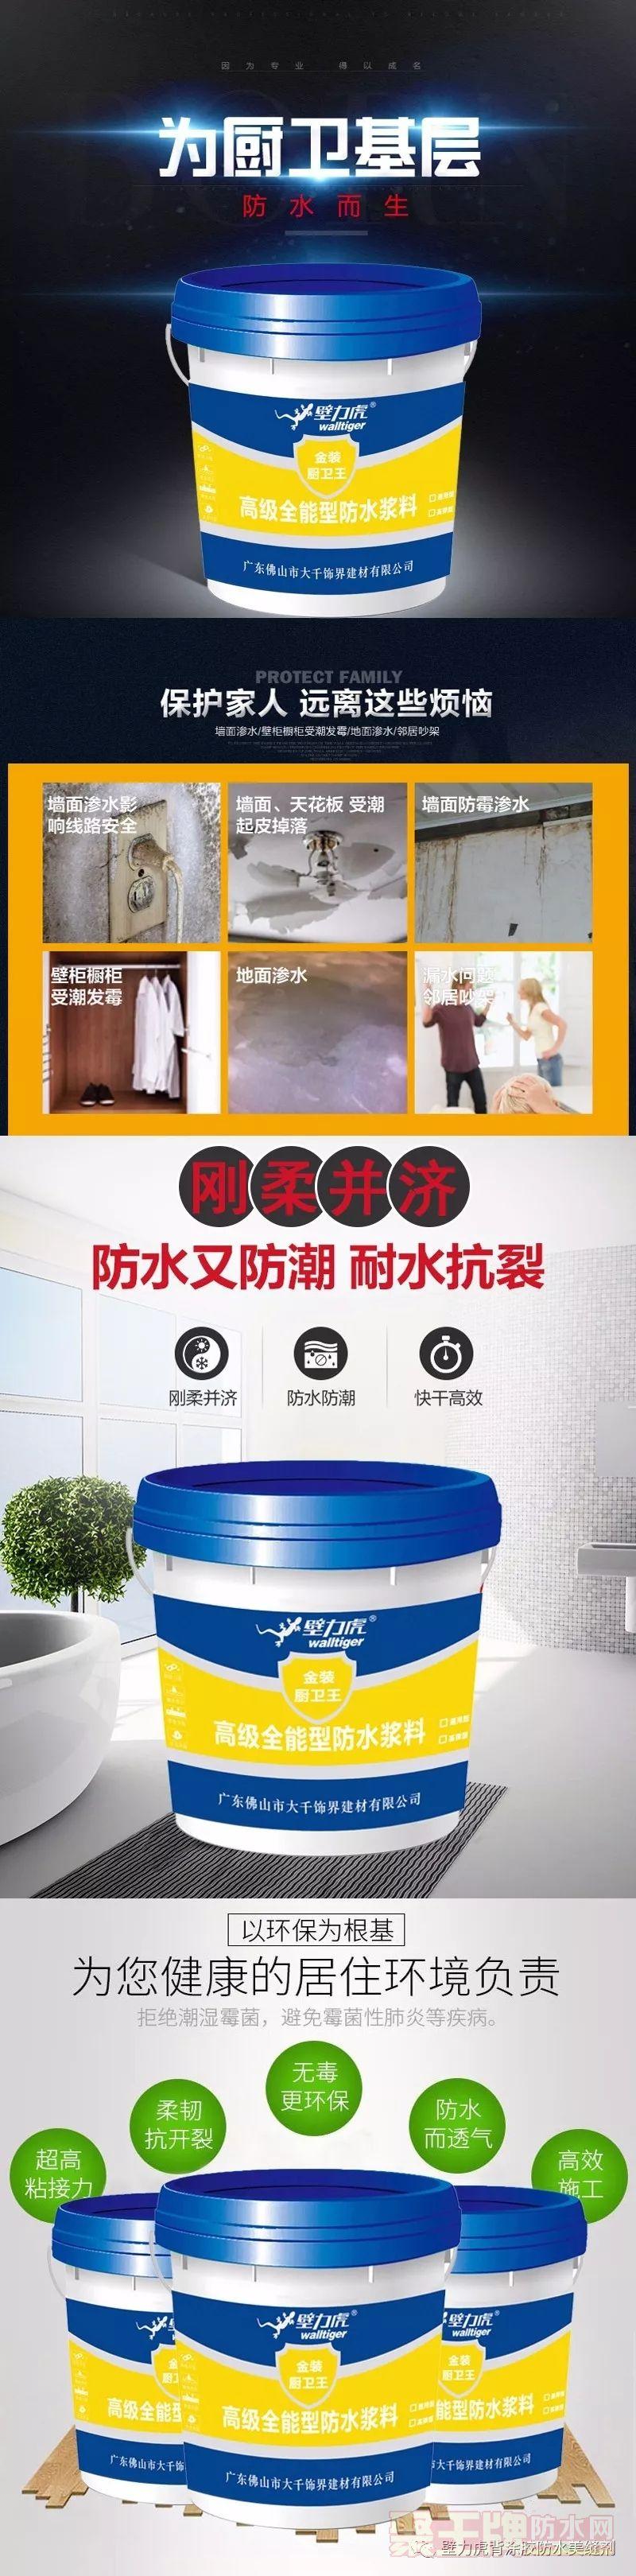 壁力虎高级全能型防水浆料 刚柔并济、强力防水.jpg